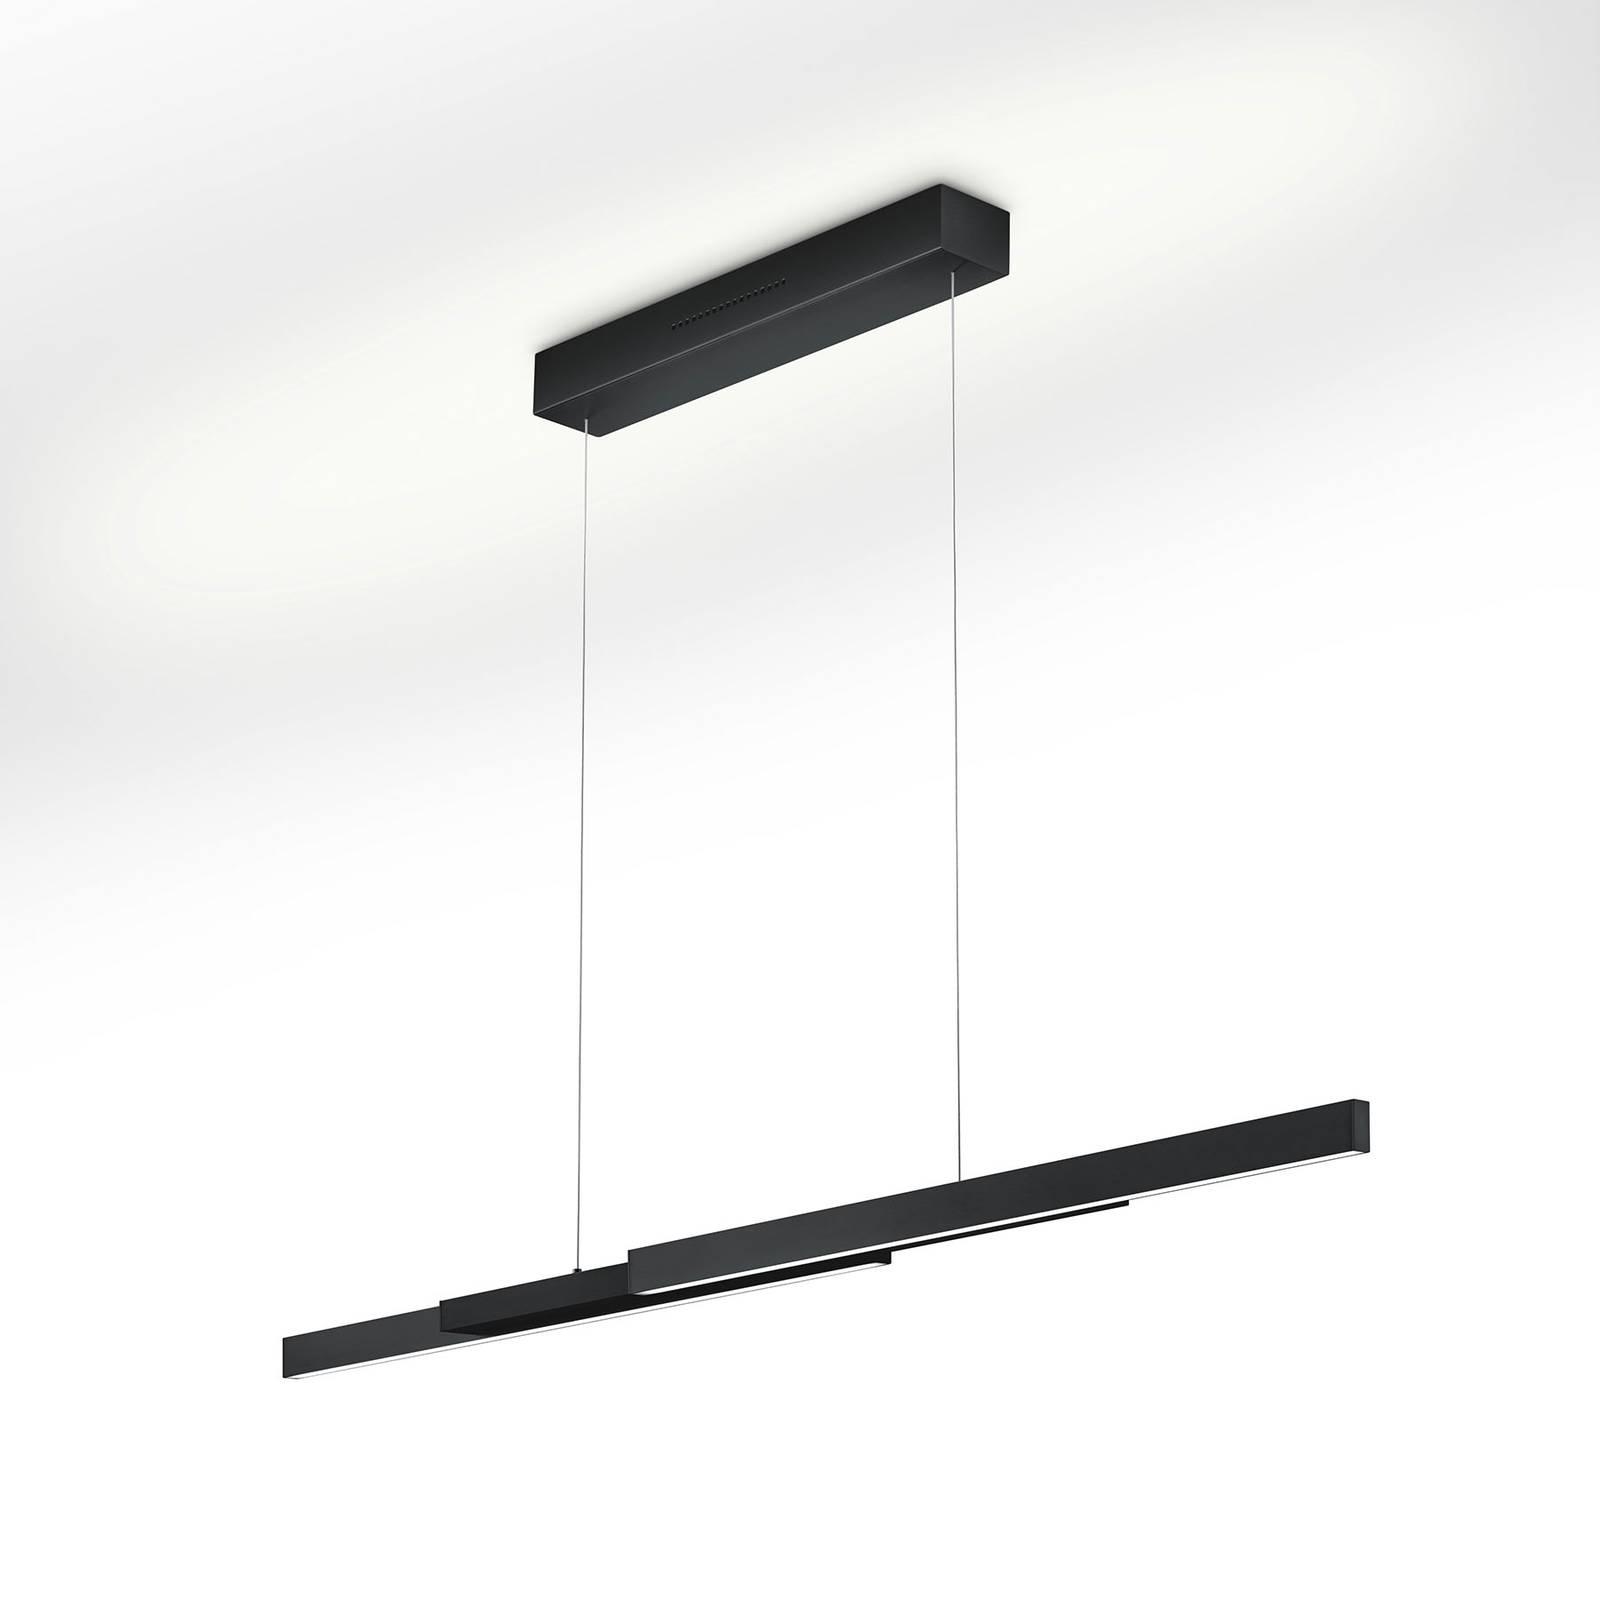 LED-riippuvalaisin Lara-L205 musta, eleohjaus